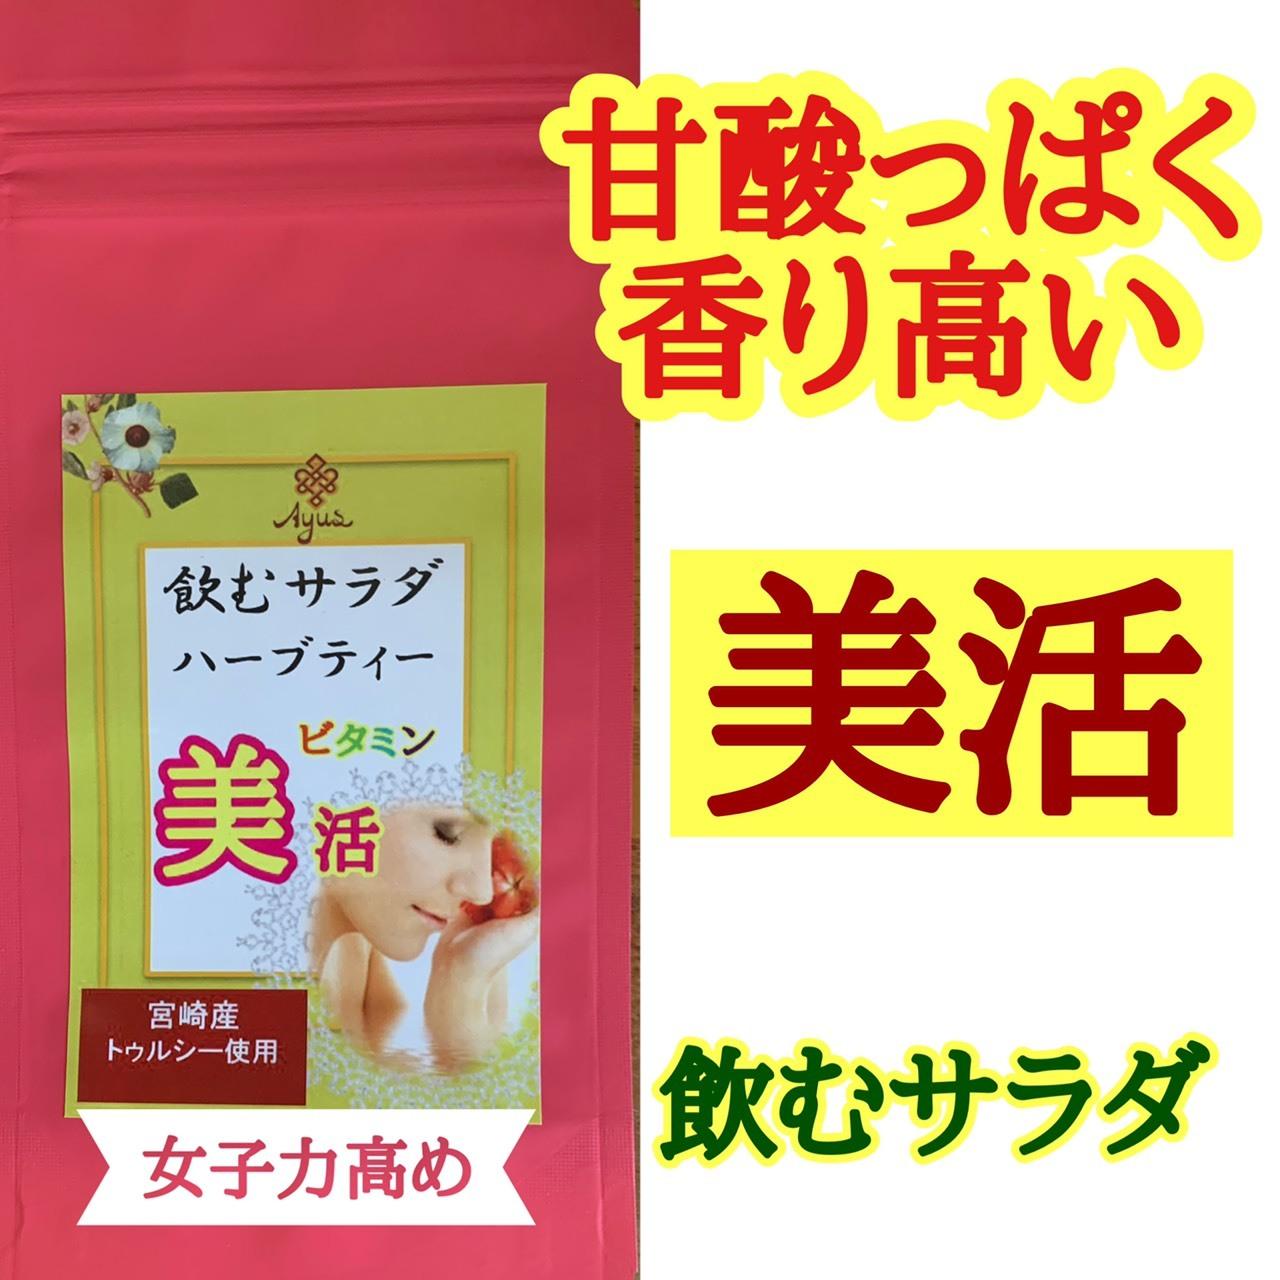 飲むサラダ・ビタミン美活 ハーブティー★ アーユスオリジナルブレンド